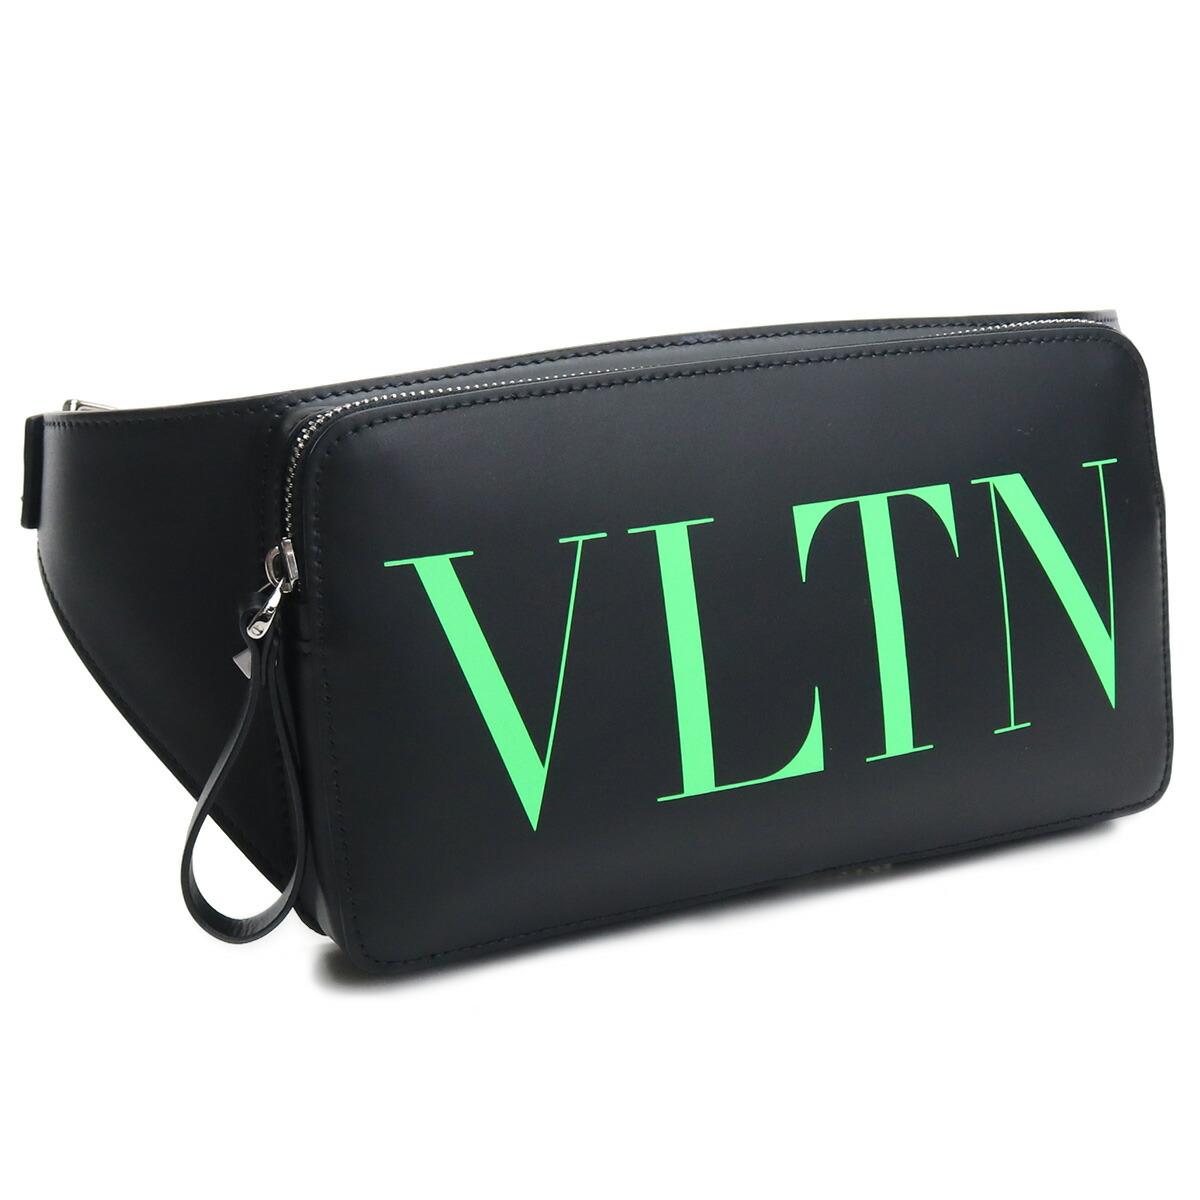 ヴァレンティノ VALENTINO ボディバッグ UY2B0719 FQK IN4 レザー ブラック メンズ